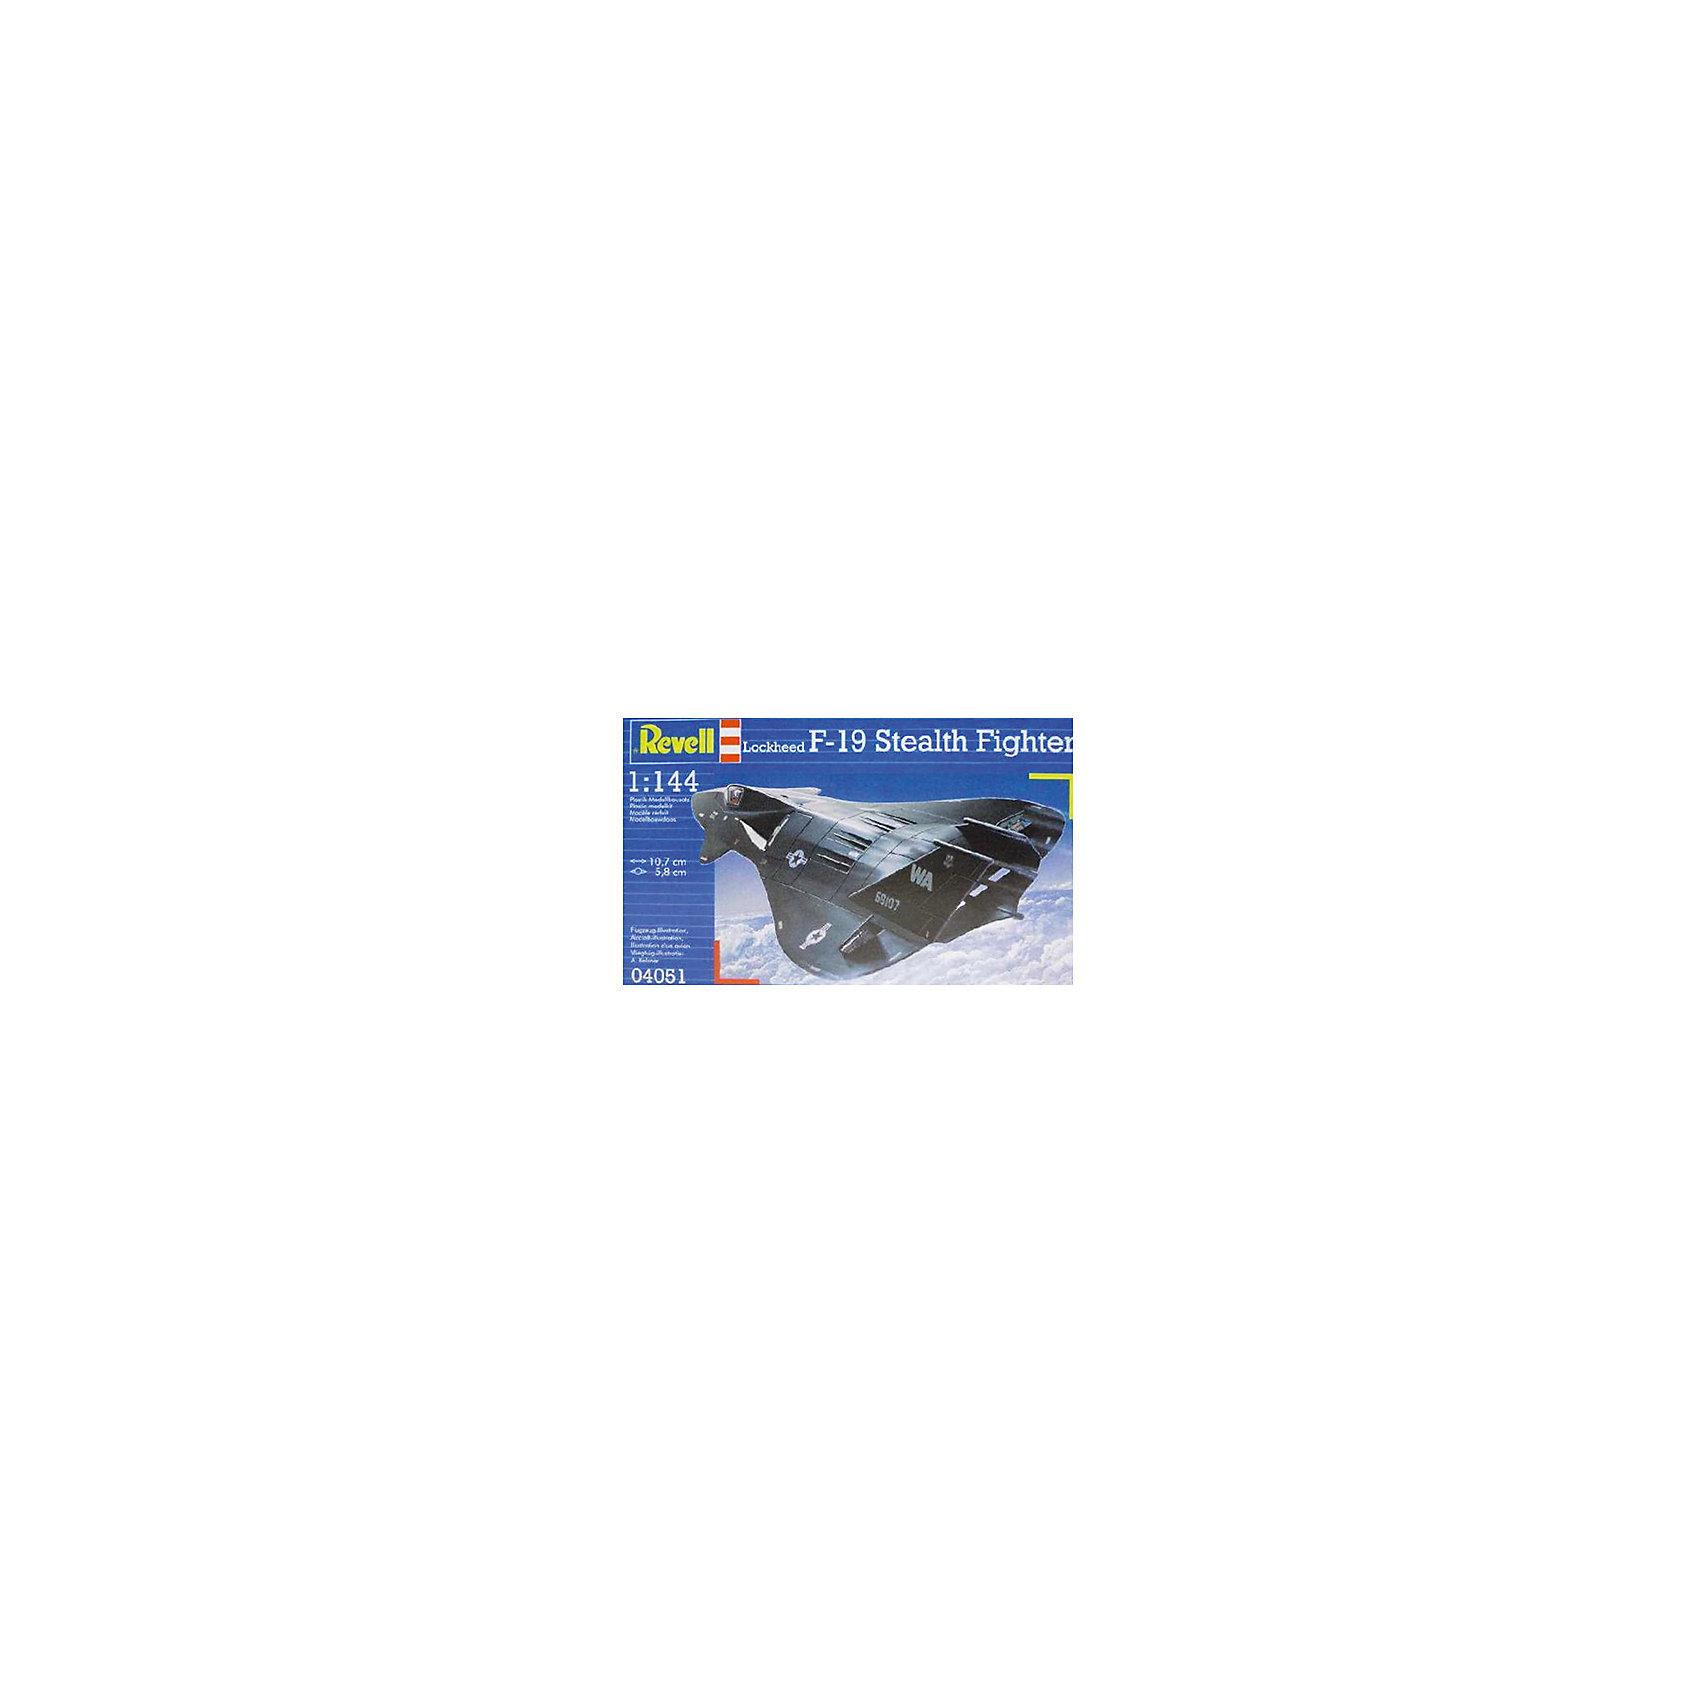 Истребитель F-19 Stealth, 1:144, (3)Модели для склеивания<br>Сборная модель истребителя F-19 Stealth изготовлена в масштабе 1:144, ее  длина составляет 10,7 см, размах крыльев  равен 5,8 см. Модель отличается высокой степенью детализации поверхности. Шасси истребителя могут быть установлены в двух положениях. Модель оснащена проработанной деколью. В комплект сборной модели истребителя F-19 Stealth включены 29 деталей, она относится ко второму из пяти существующих уровней сложности сборки. <br>ВНИМАНИЕ: Клей и краски в комплект не входят.<br><br>Ширина мм: 9999<br>Глубина мм: 9999<br>Высота мм: 9999<br>Вес г: 9999<br>Возраст от месяцев: -2147483648<br>Возраст до месяцев: 2147483647<br>Пол: Унисекс<br>Возраст: Детский<br>SKU: 1772969